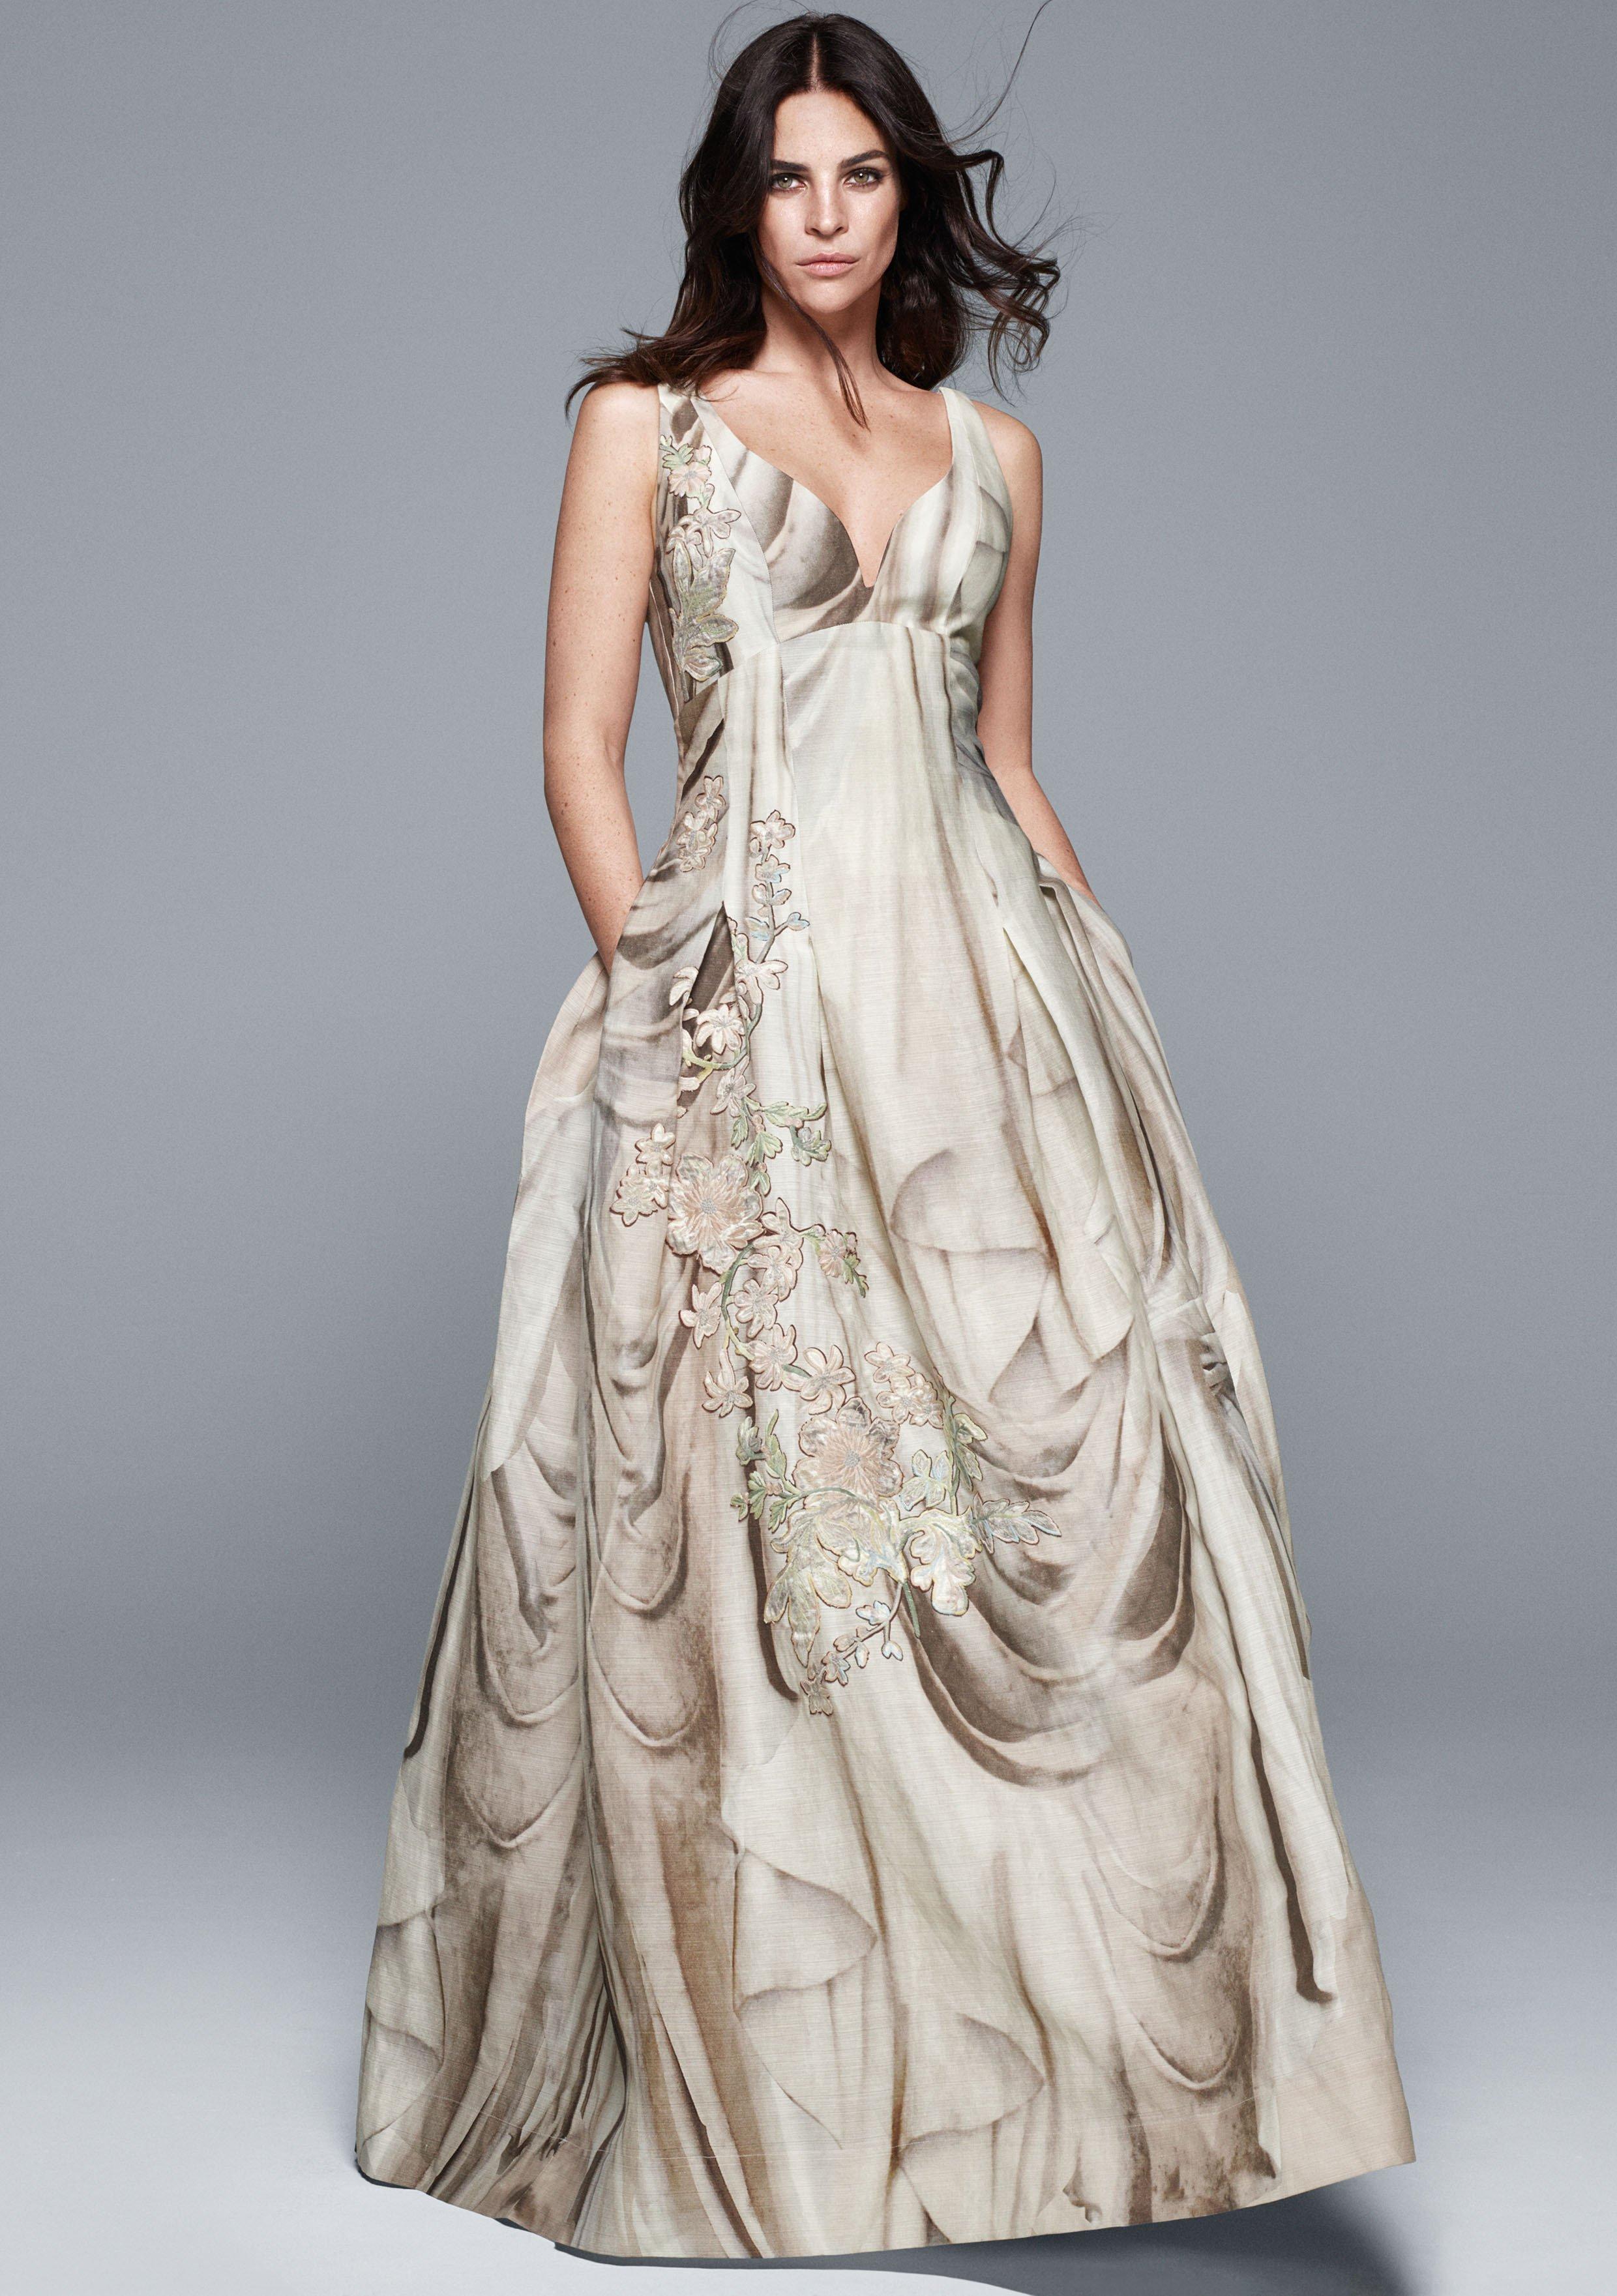 Abito da sposa low cost H&M Conscious exclusive 2016